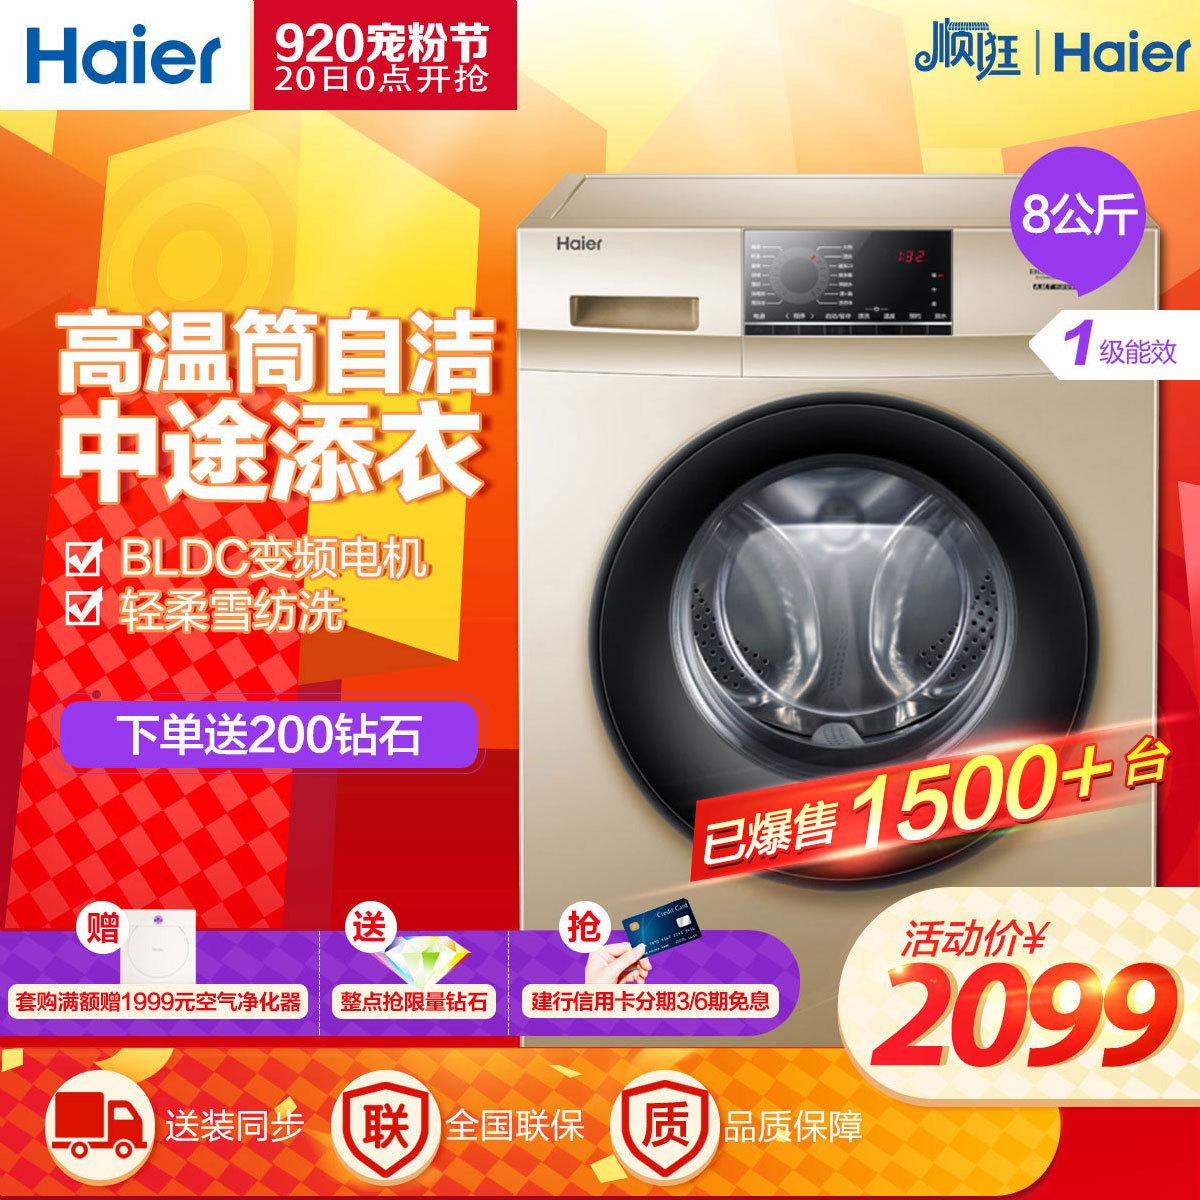 迷你全自动洗衣机怎么样 迷你洗衣机什么品牌好